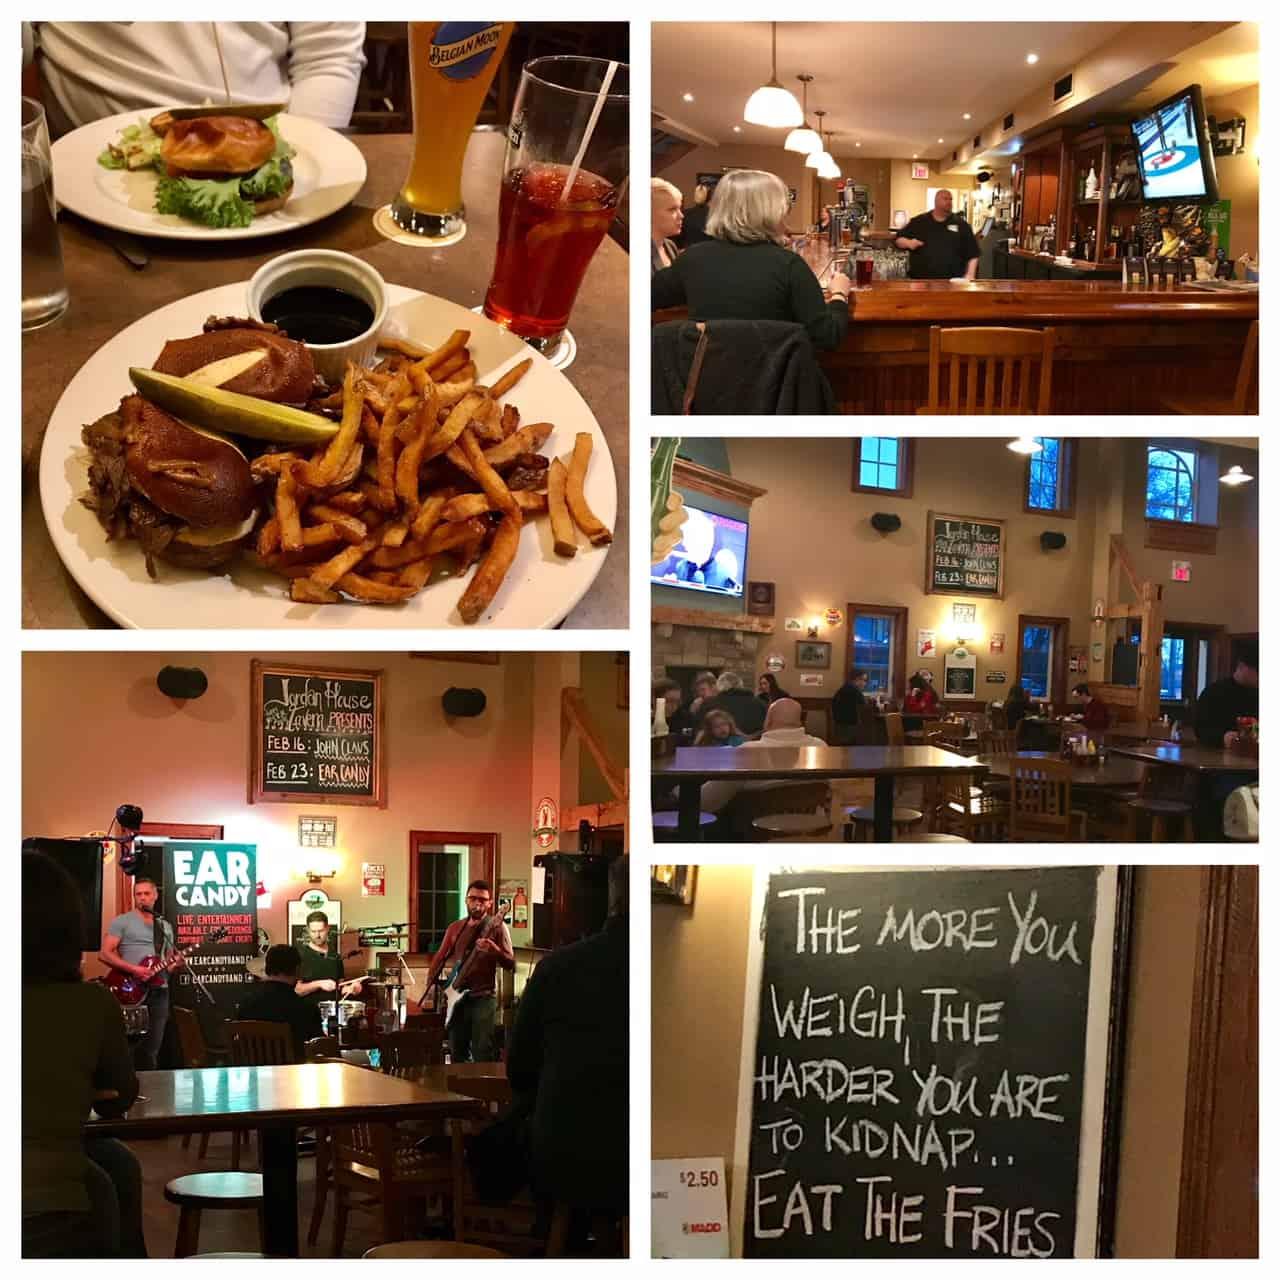 Jordan House Tavern